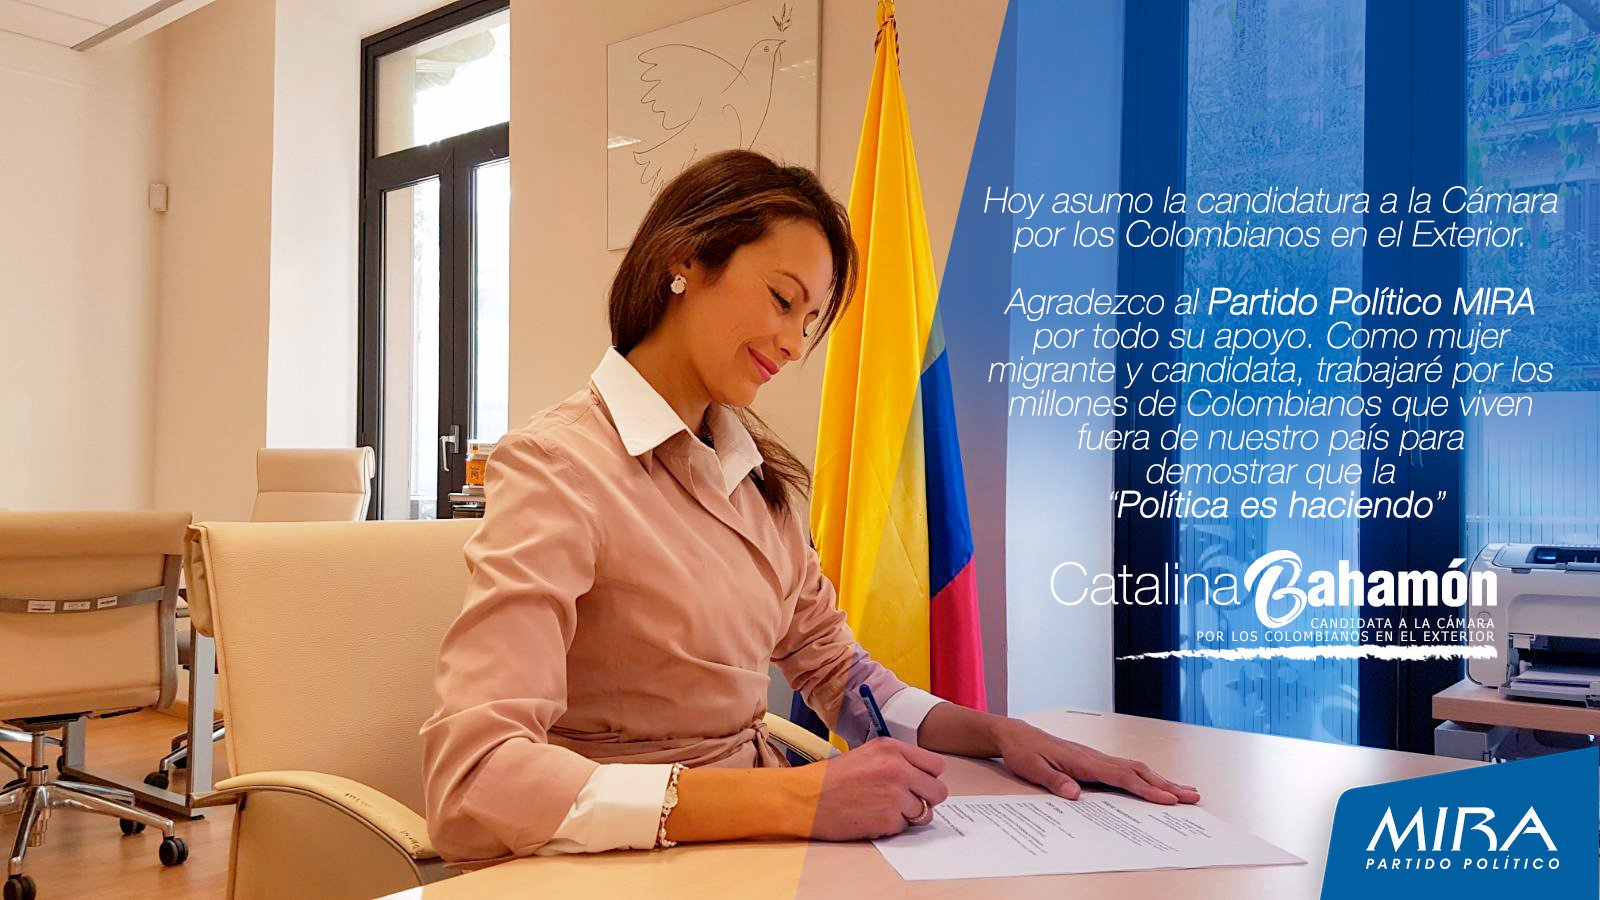 Asumo la candidatura a la Cámara por los #ColombianosEnElExterior  con gran alegría y compromiso como #Mujer #Migrante seguiré demostrando que la #LapoliticaEsHaciendo.Gracias @MovimientoMIRA @Baena  @AnaPaolaAgudelo https://t.co/b4D72rQx0G